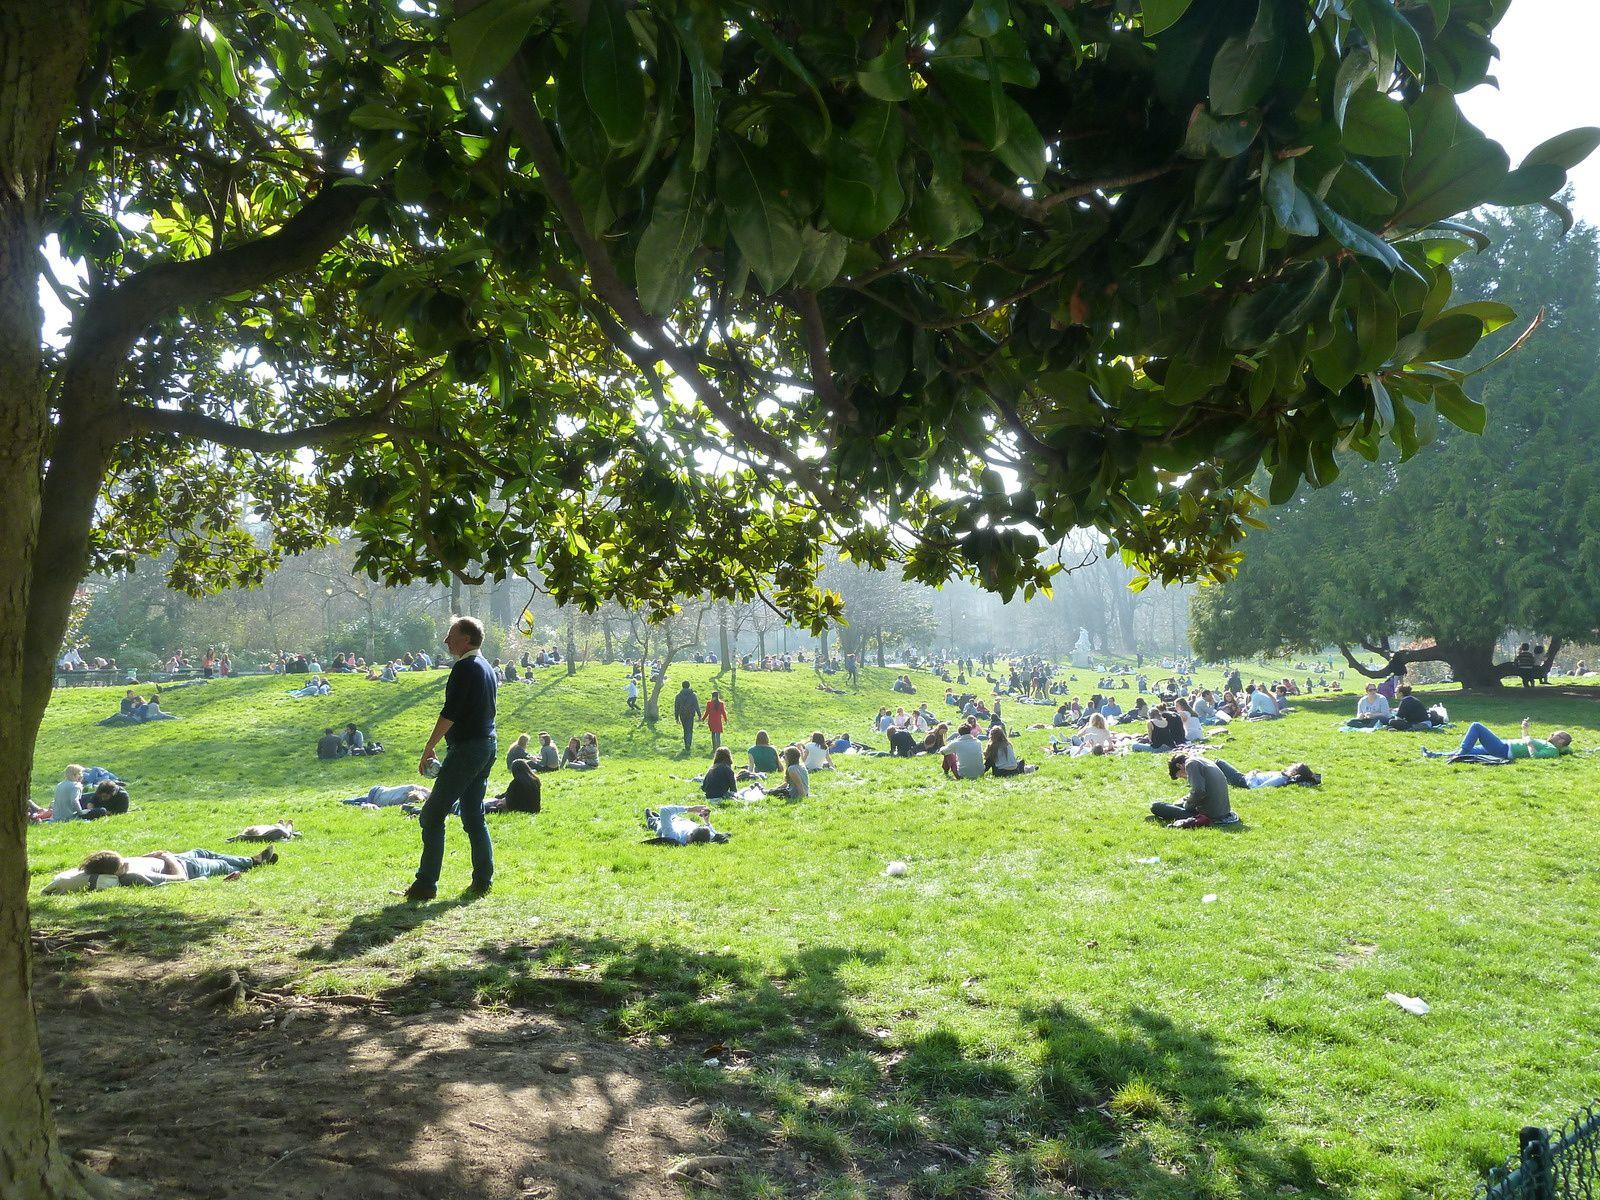 Bien que de nombreux panneaux demandaient de ne pas monter sur les pelouses pour cause de repos hivernal, les parisiens se sont précipités pour profiter des premiers rayons du soleil.